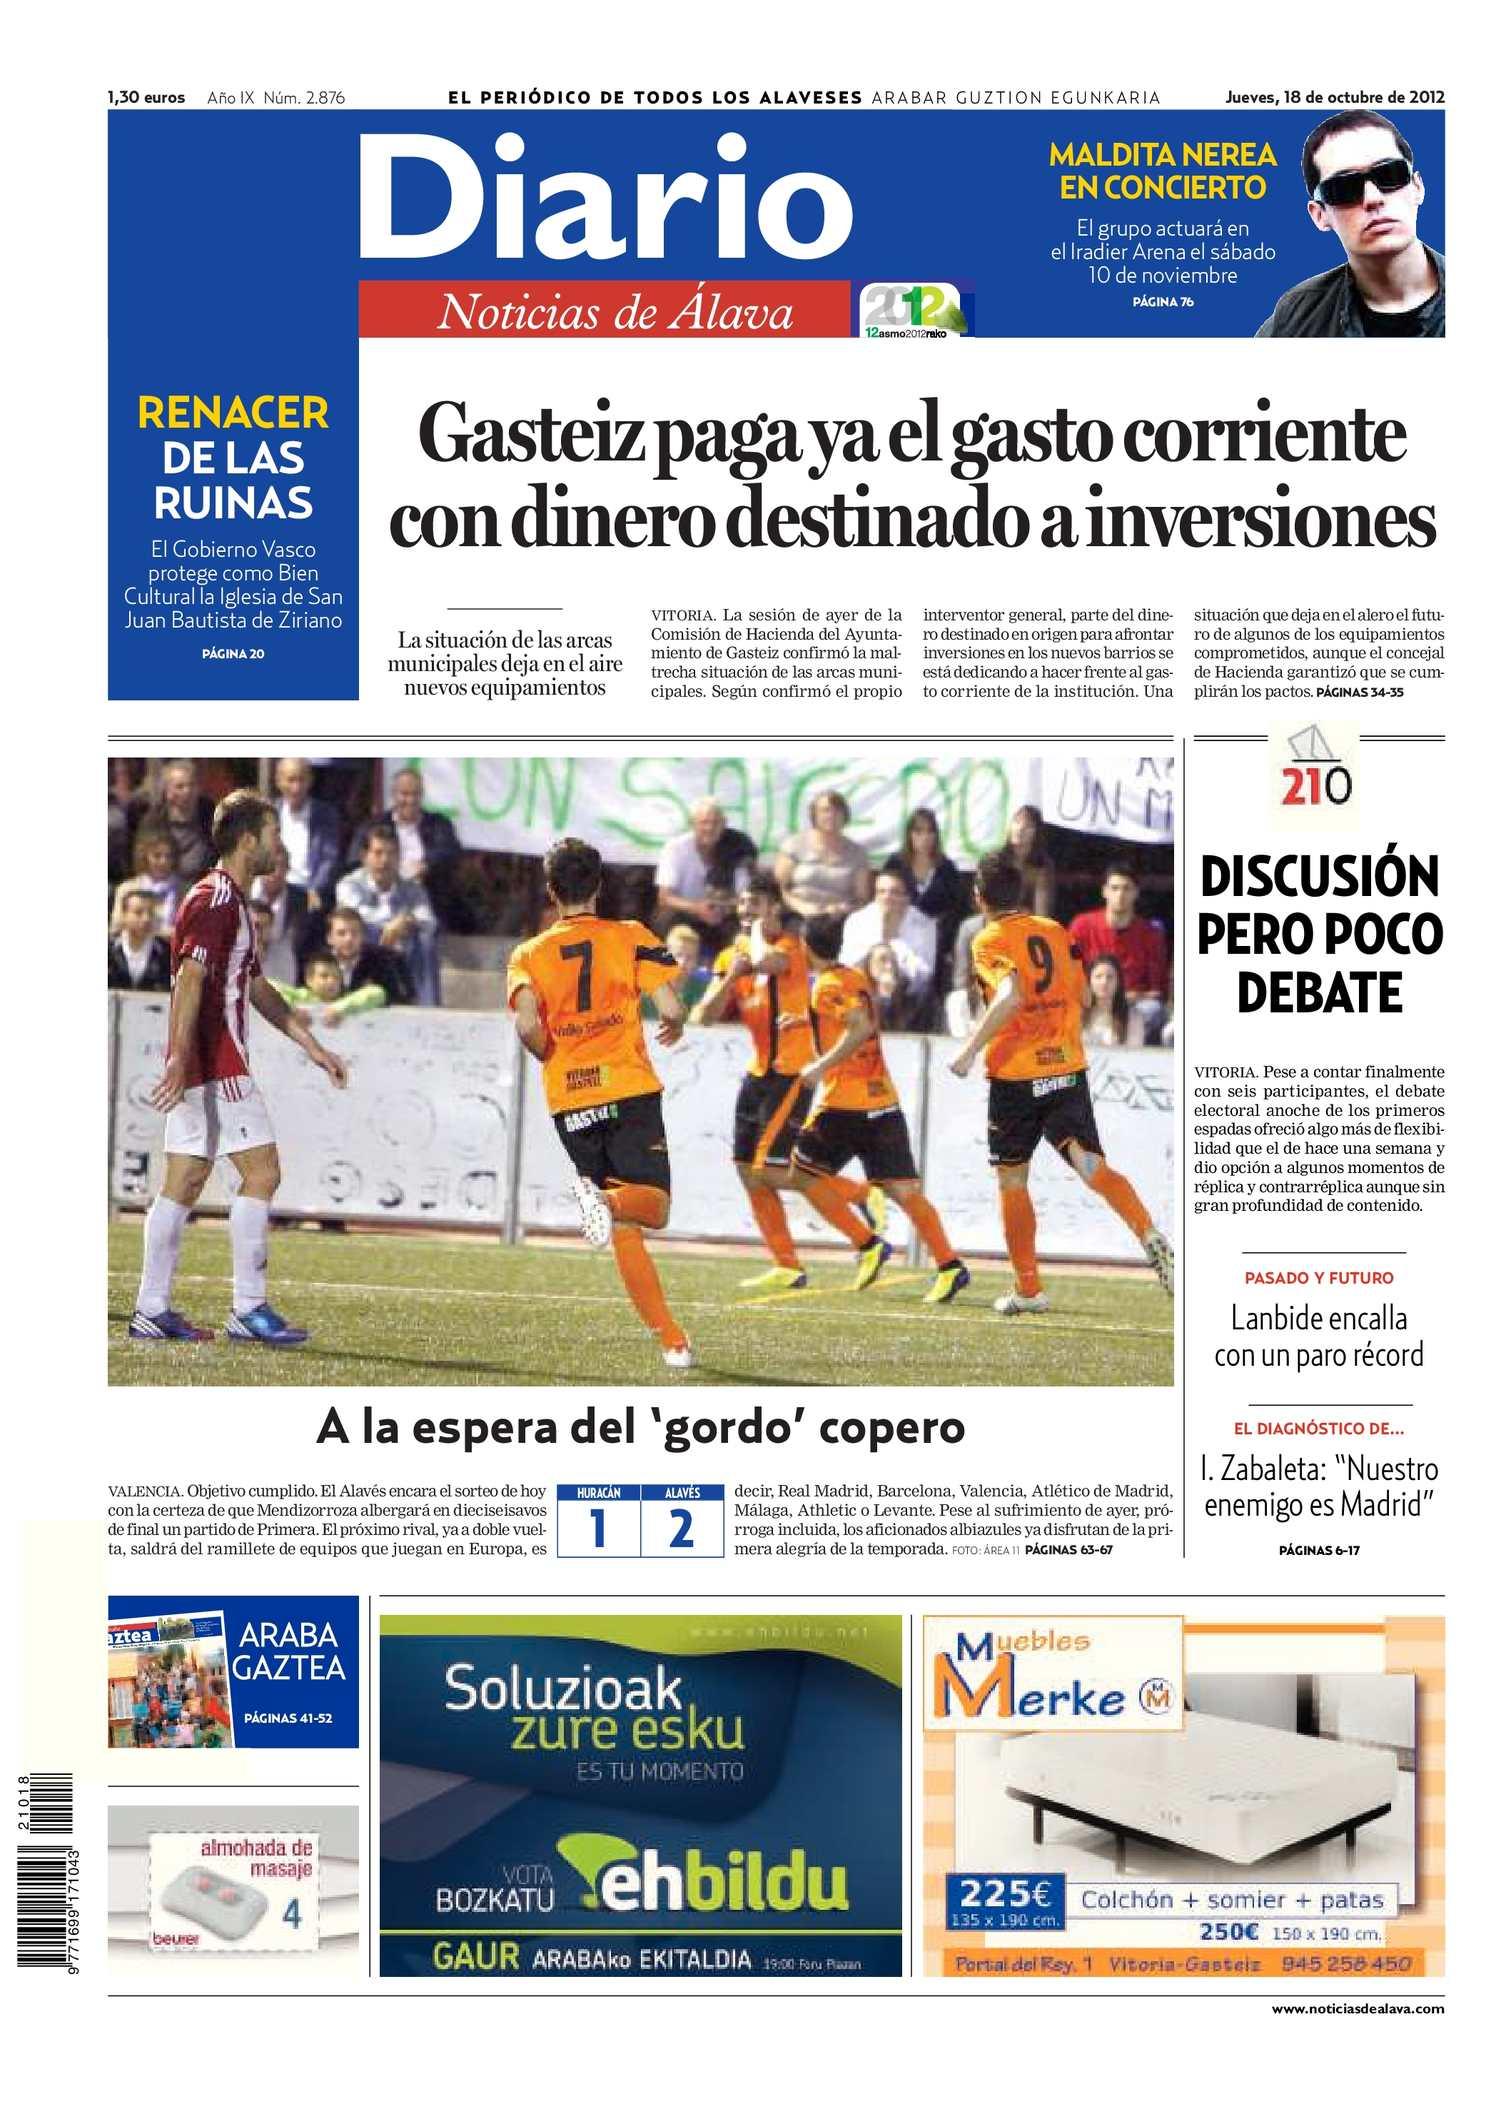 Calaméo - Diario de Noticias de Álava 20121018